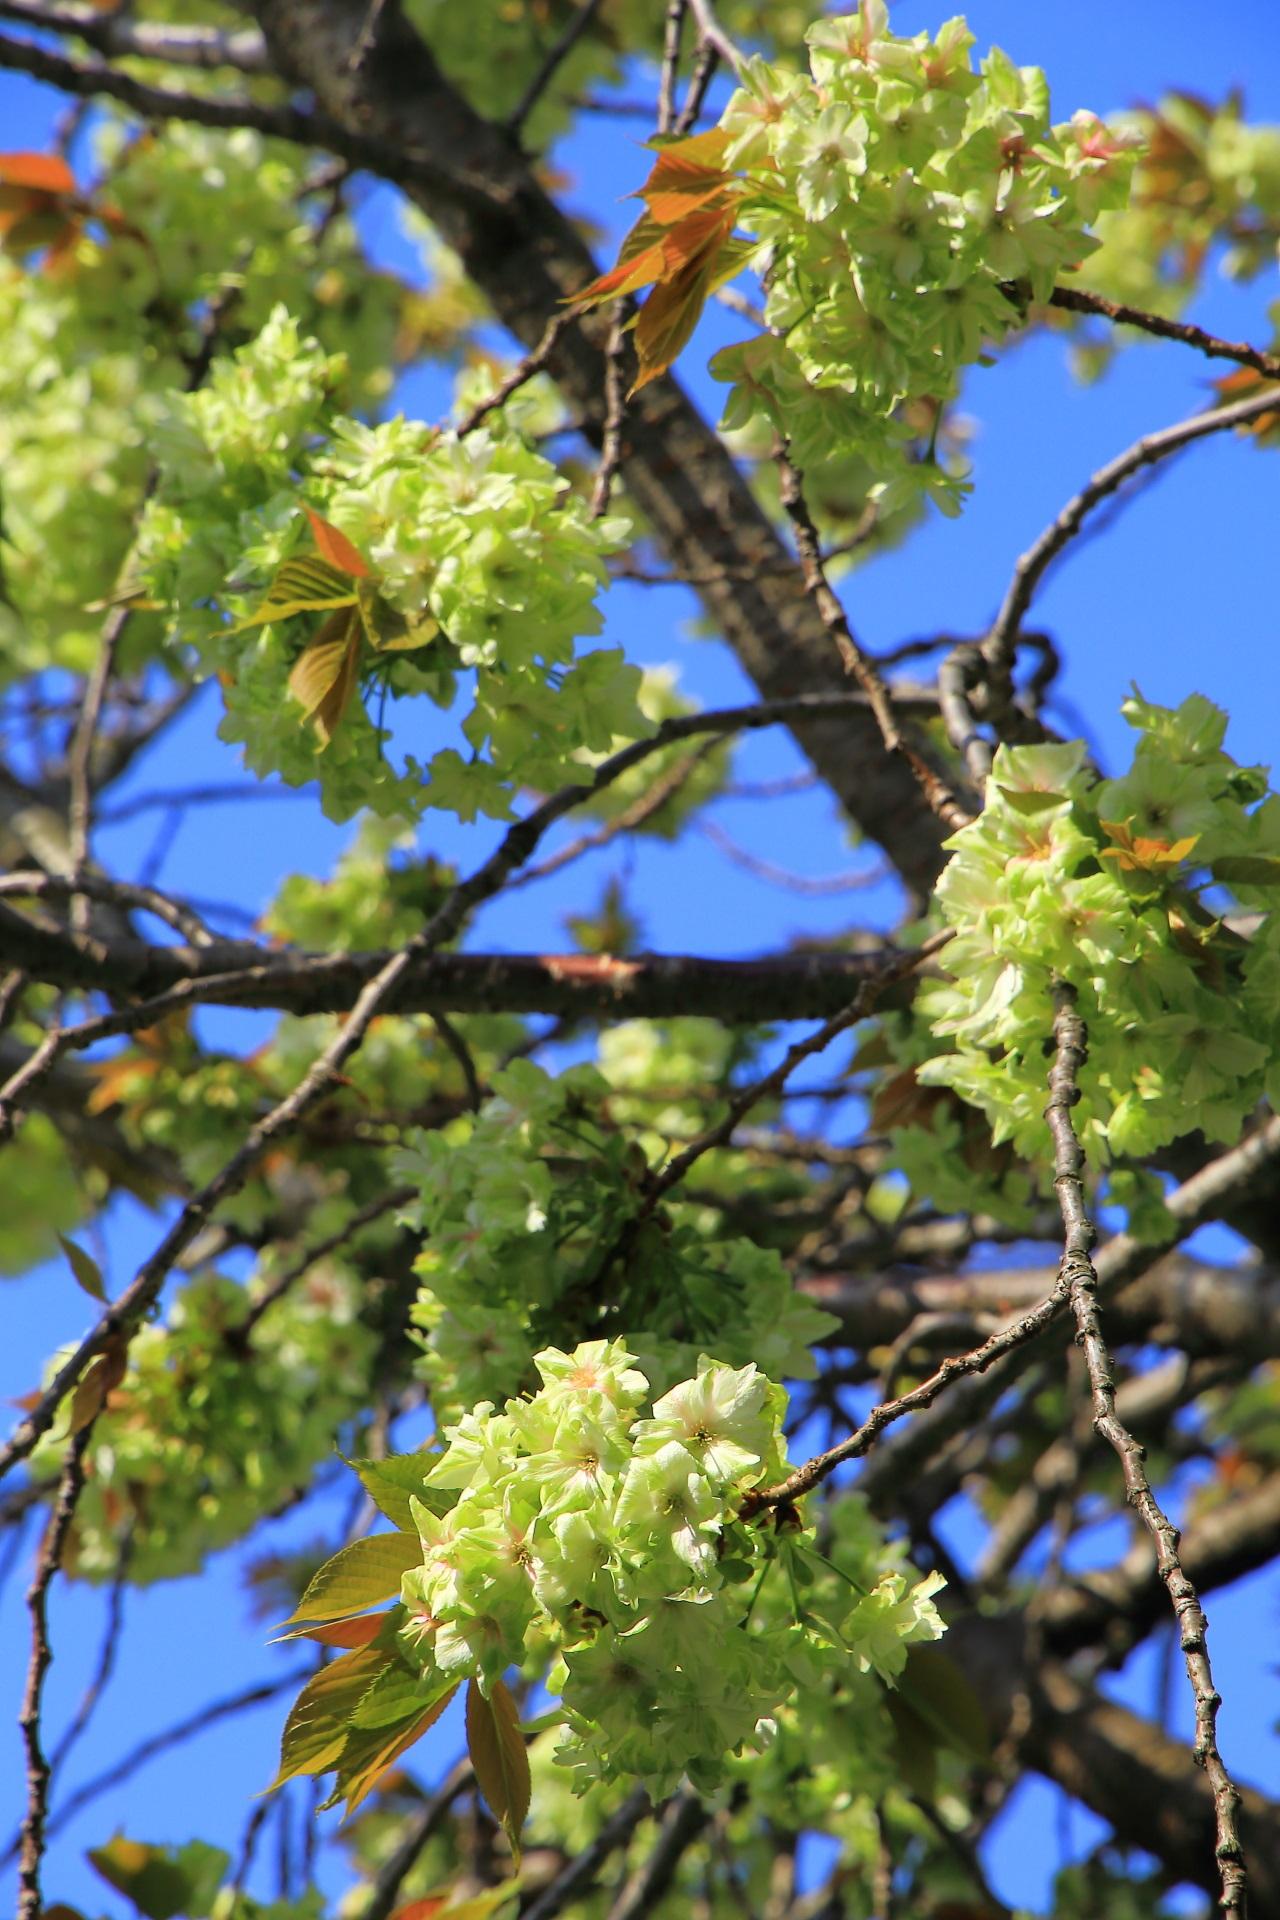 花つきが良く綺麗に咲く緑の桜